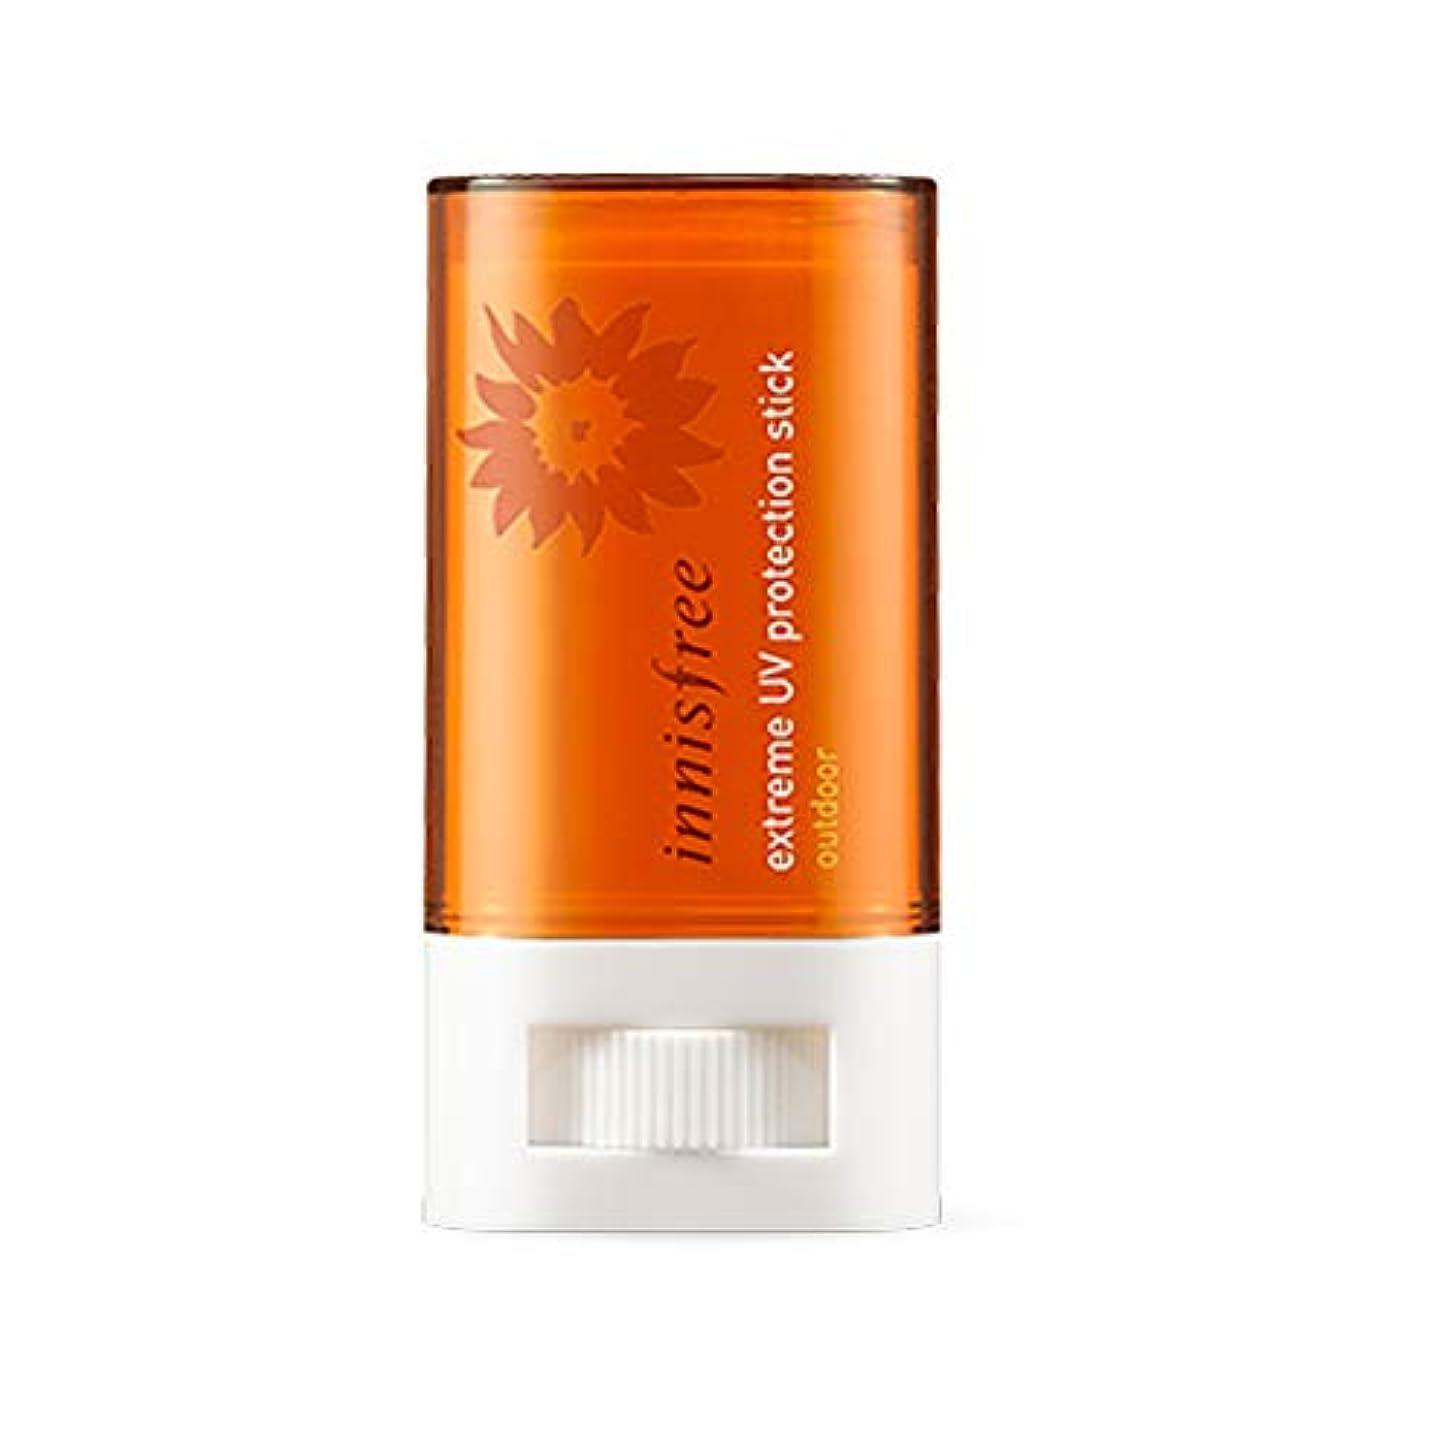 セットアップ飼いならす流暢イニスフリーエクストリームUVプロテクションスティックアウトドアSPF50 + PA ++++ 19g Innisfree Extreme UV Protection Stick Outdoor SPF50 + PA +...